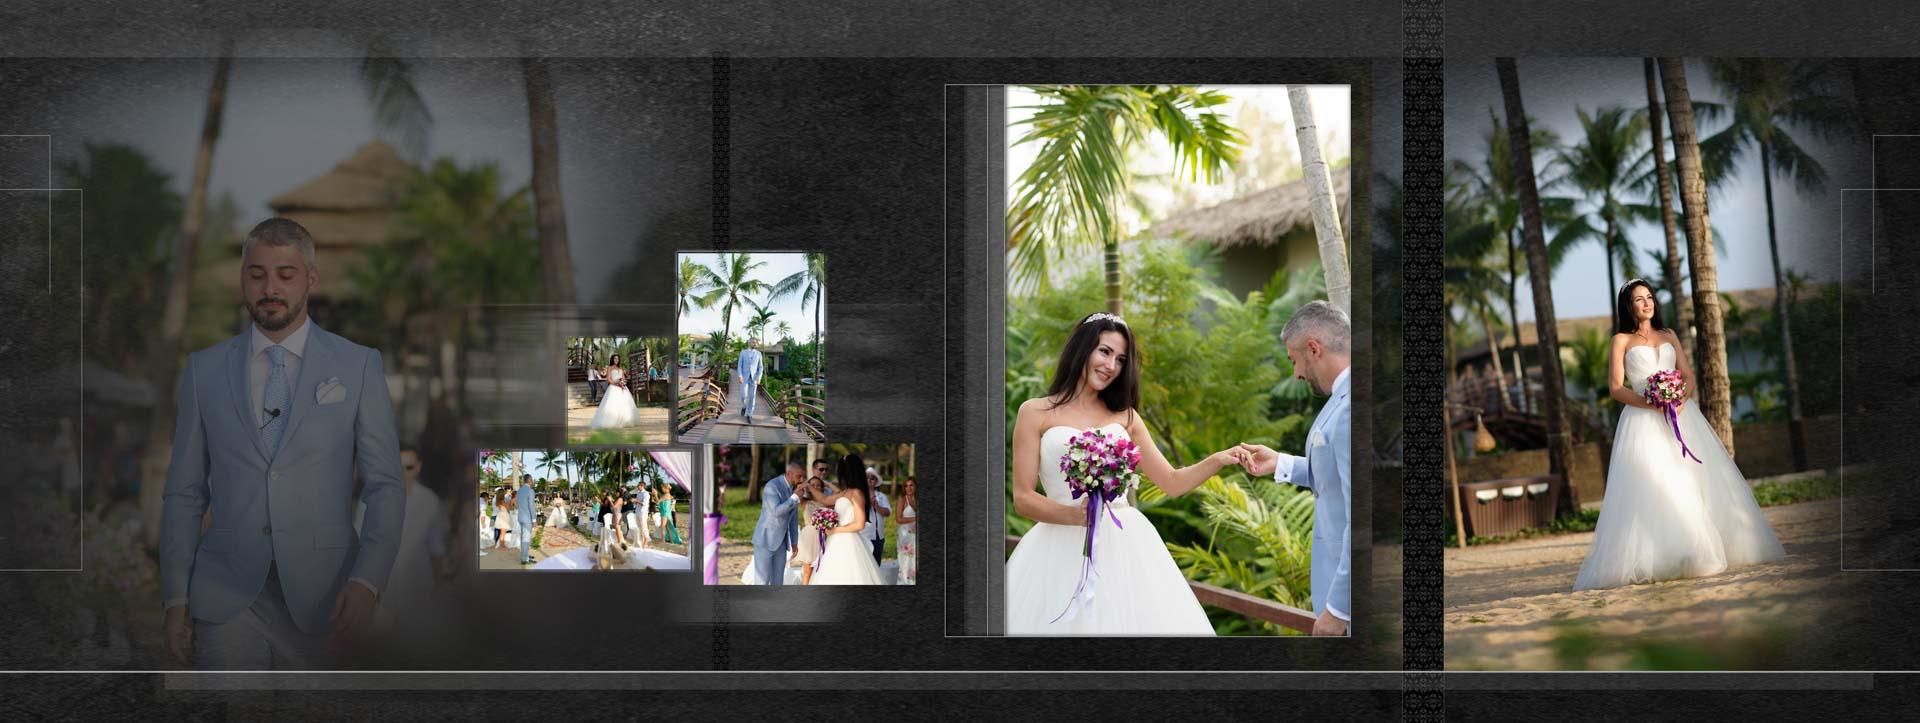 photo-revolution-maria_emanuel-album_design-10